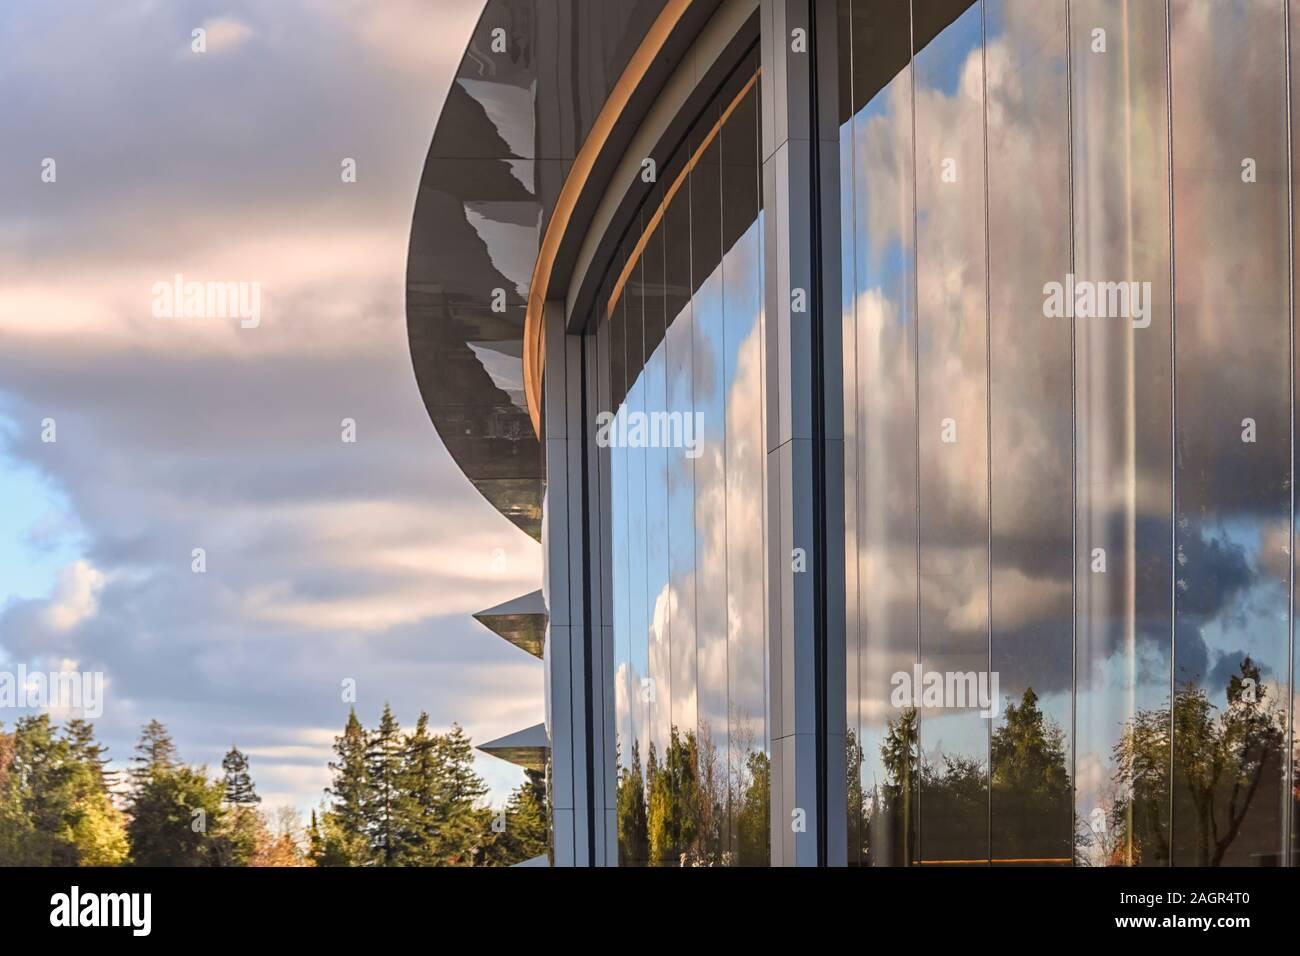 Cupertino CA EE.UU. Diciembre 14, 2019: Primer Plano de edificio de oficinas de la sede de Apple exterior. Foto de stock